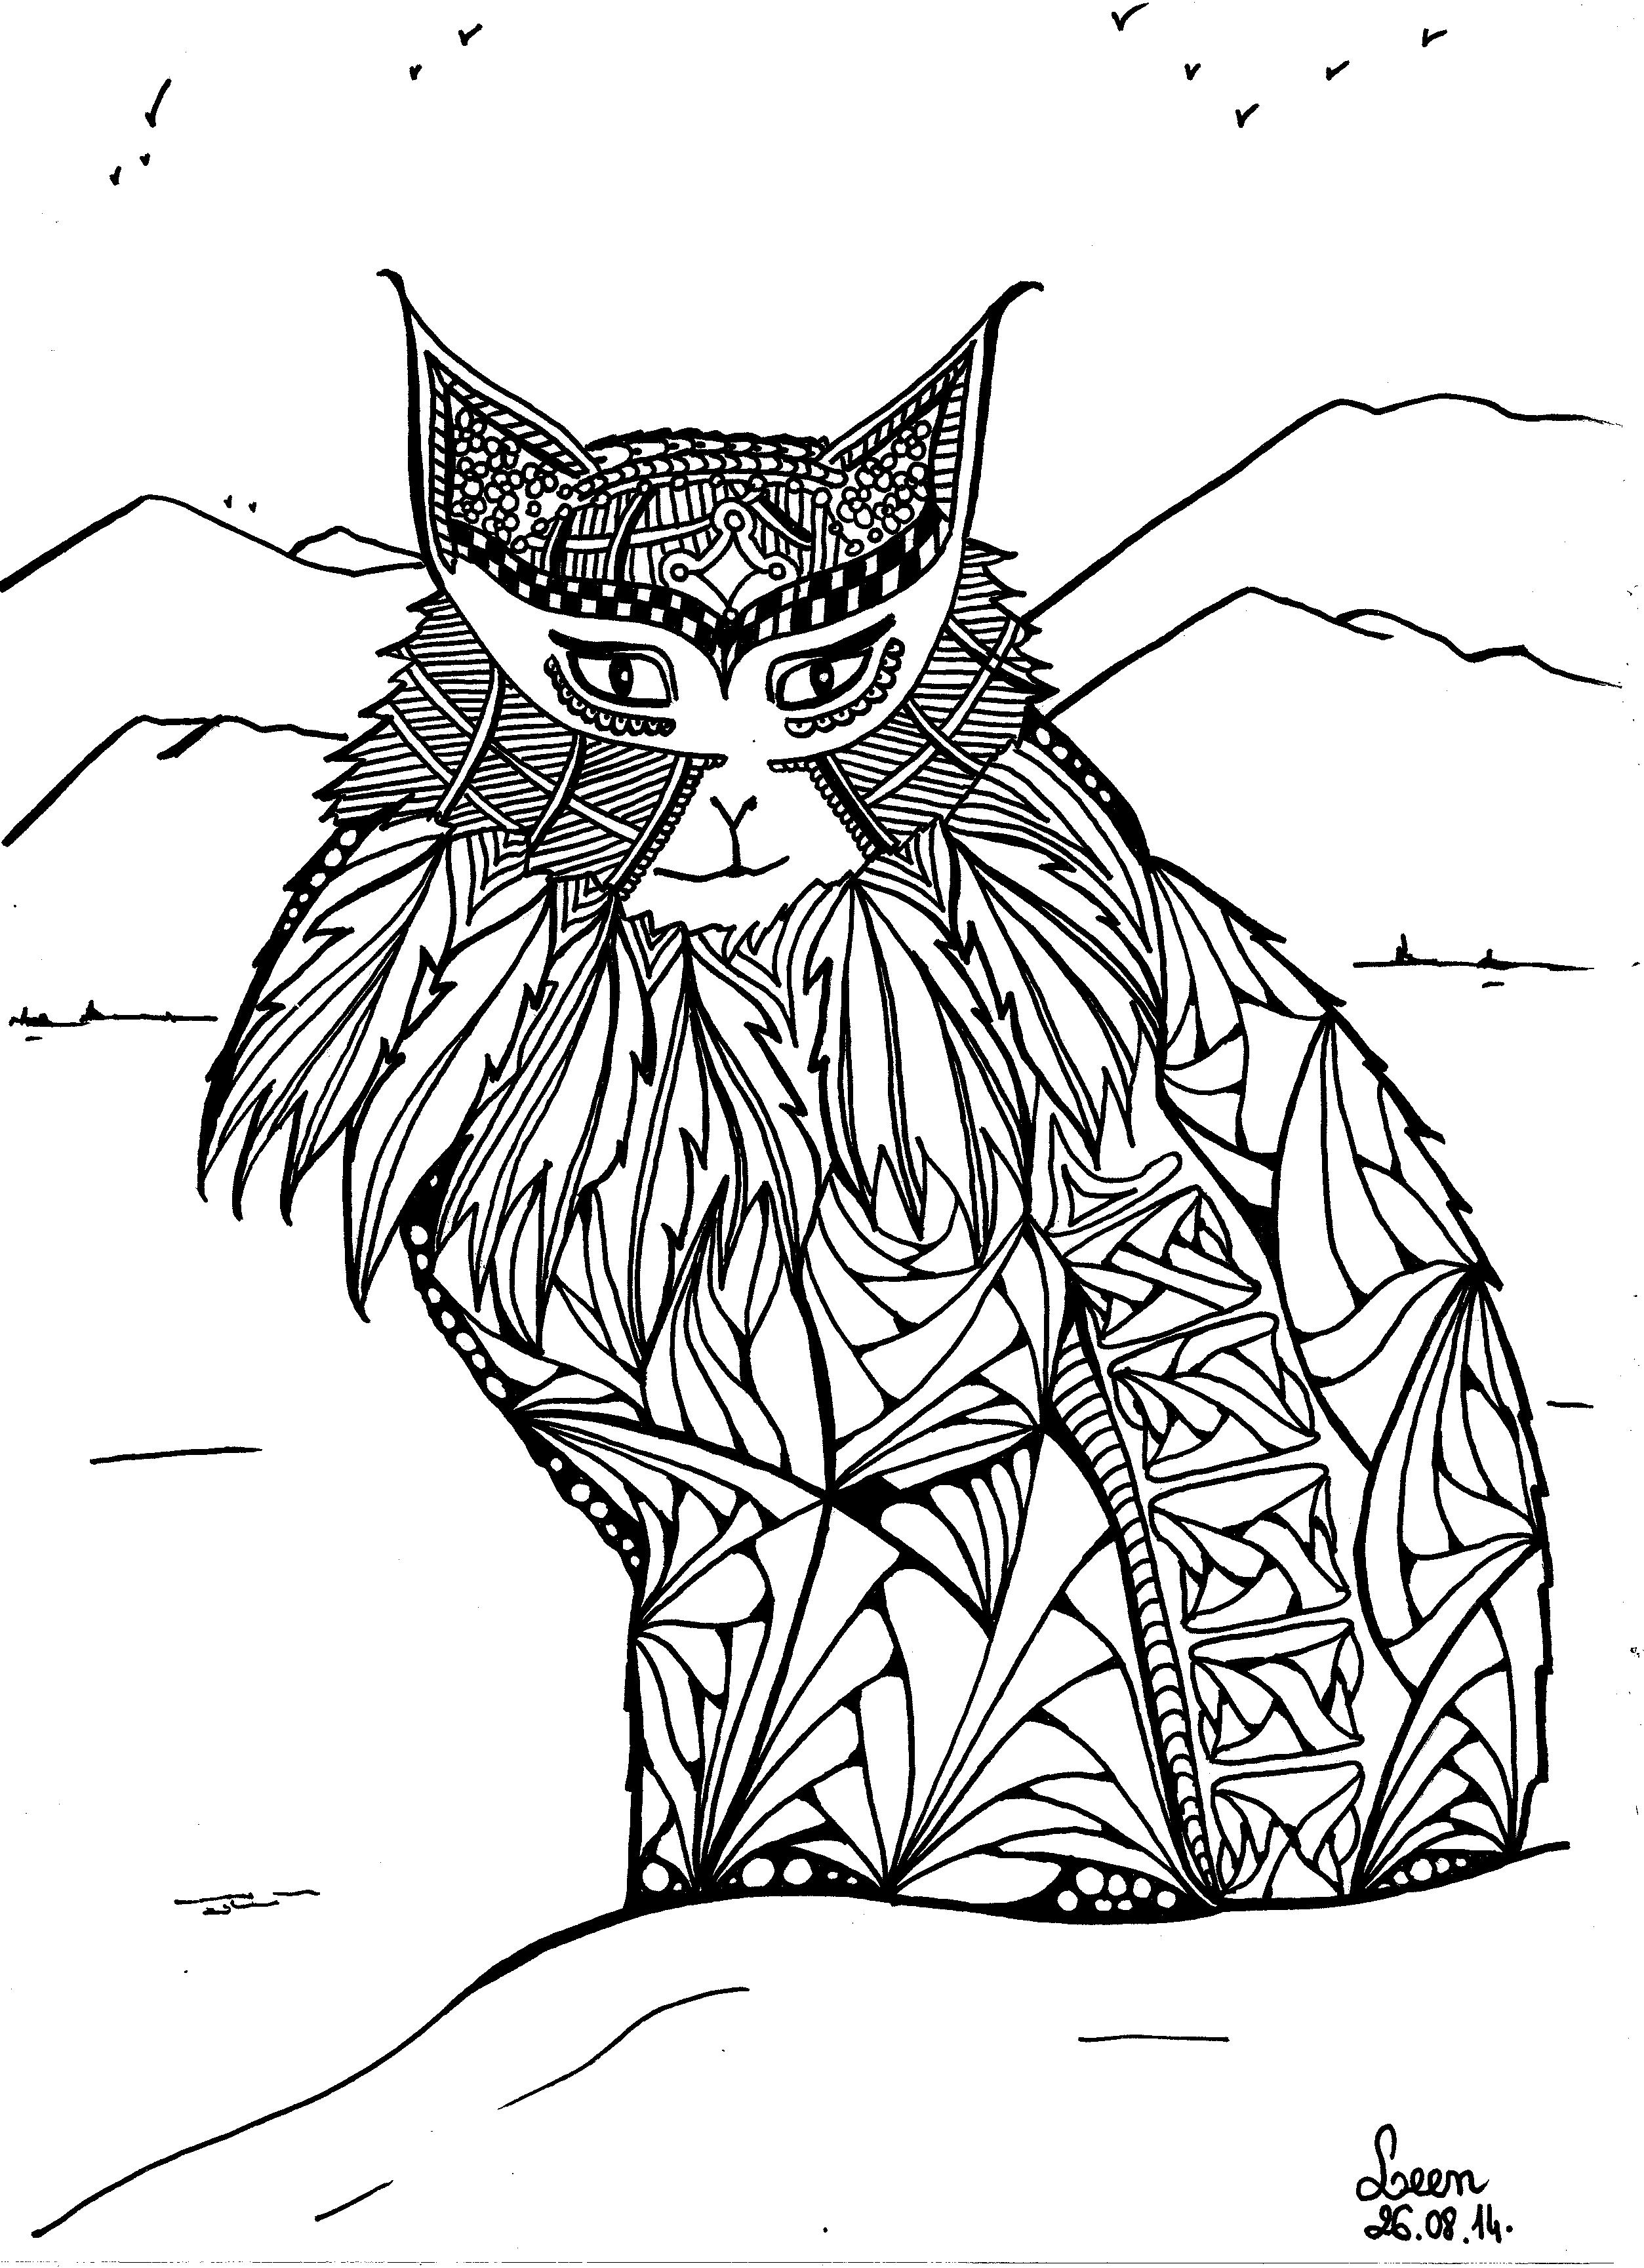 Coloriage Adulte Chat.Le Chat Des Montagnes Coloriage Adulte Coloriages Pour Enfants